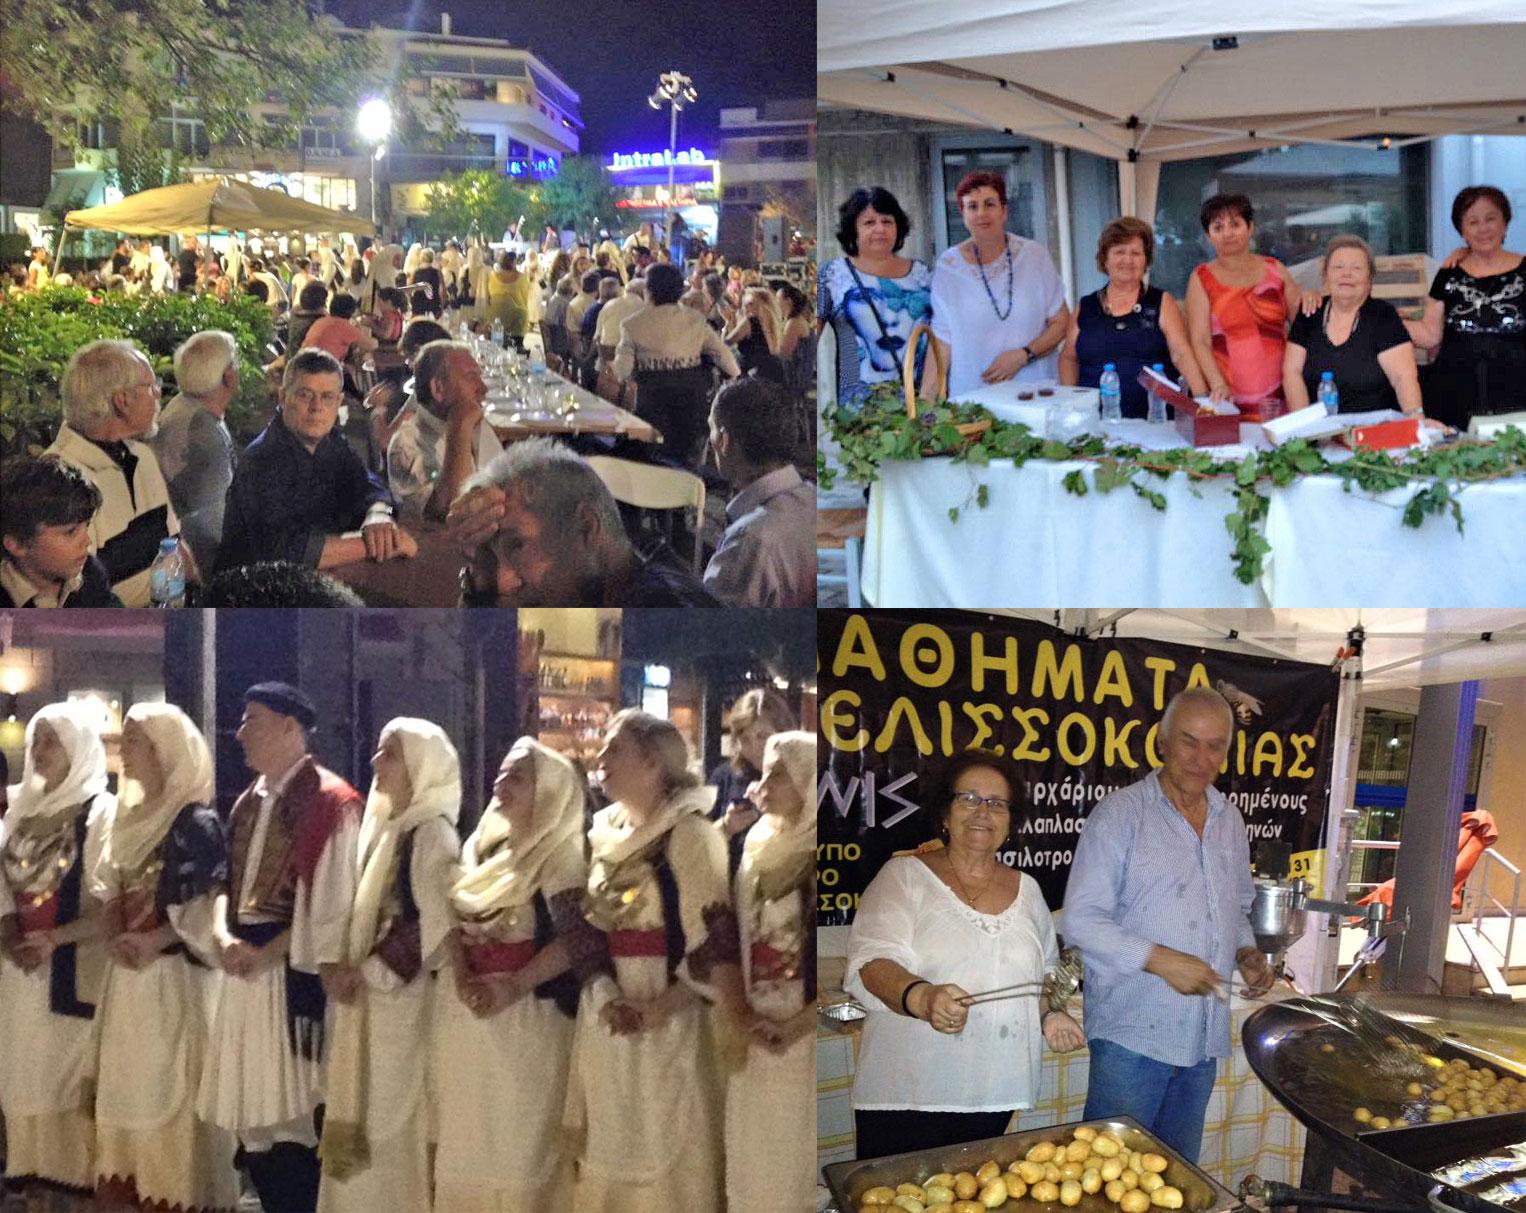 http://www.attikos.gr/attikos/wp-content/uploads/2016/09/kolaz.jpg